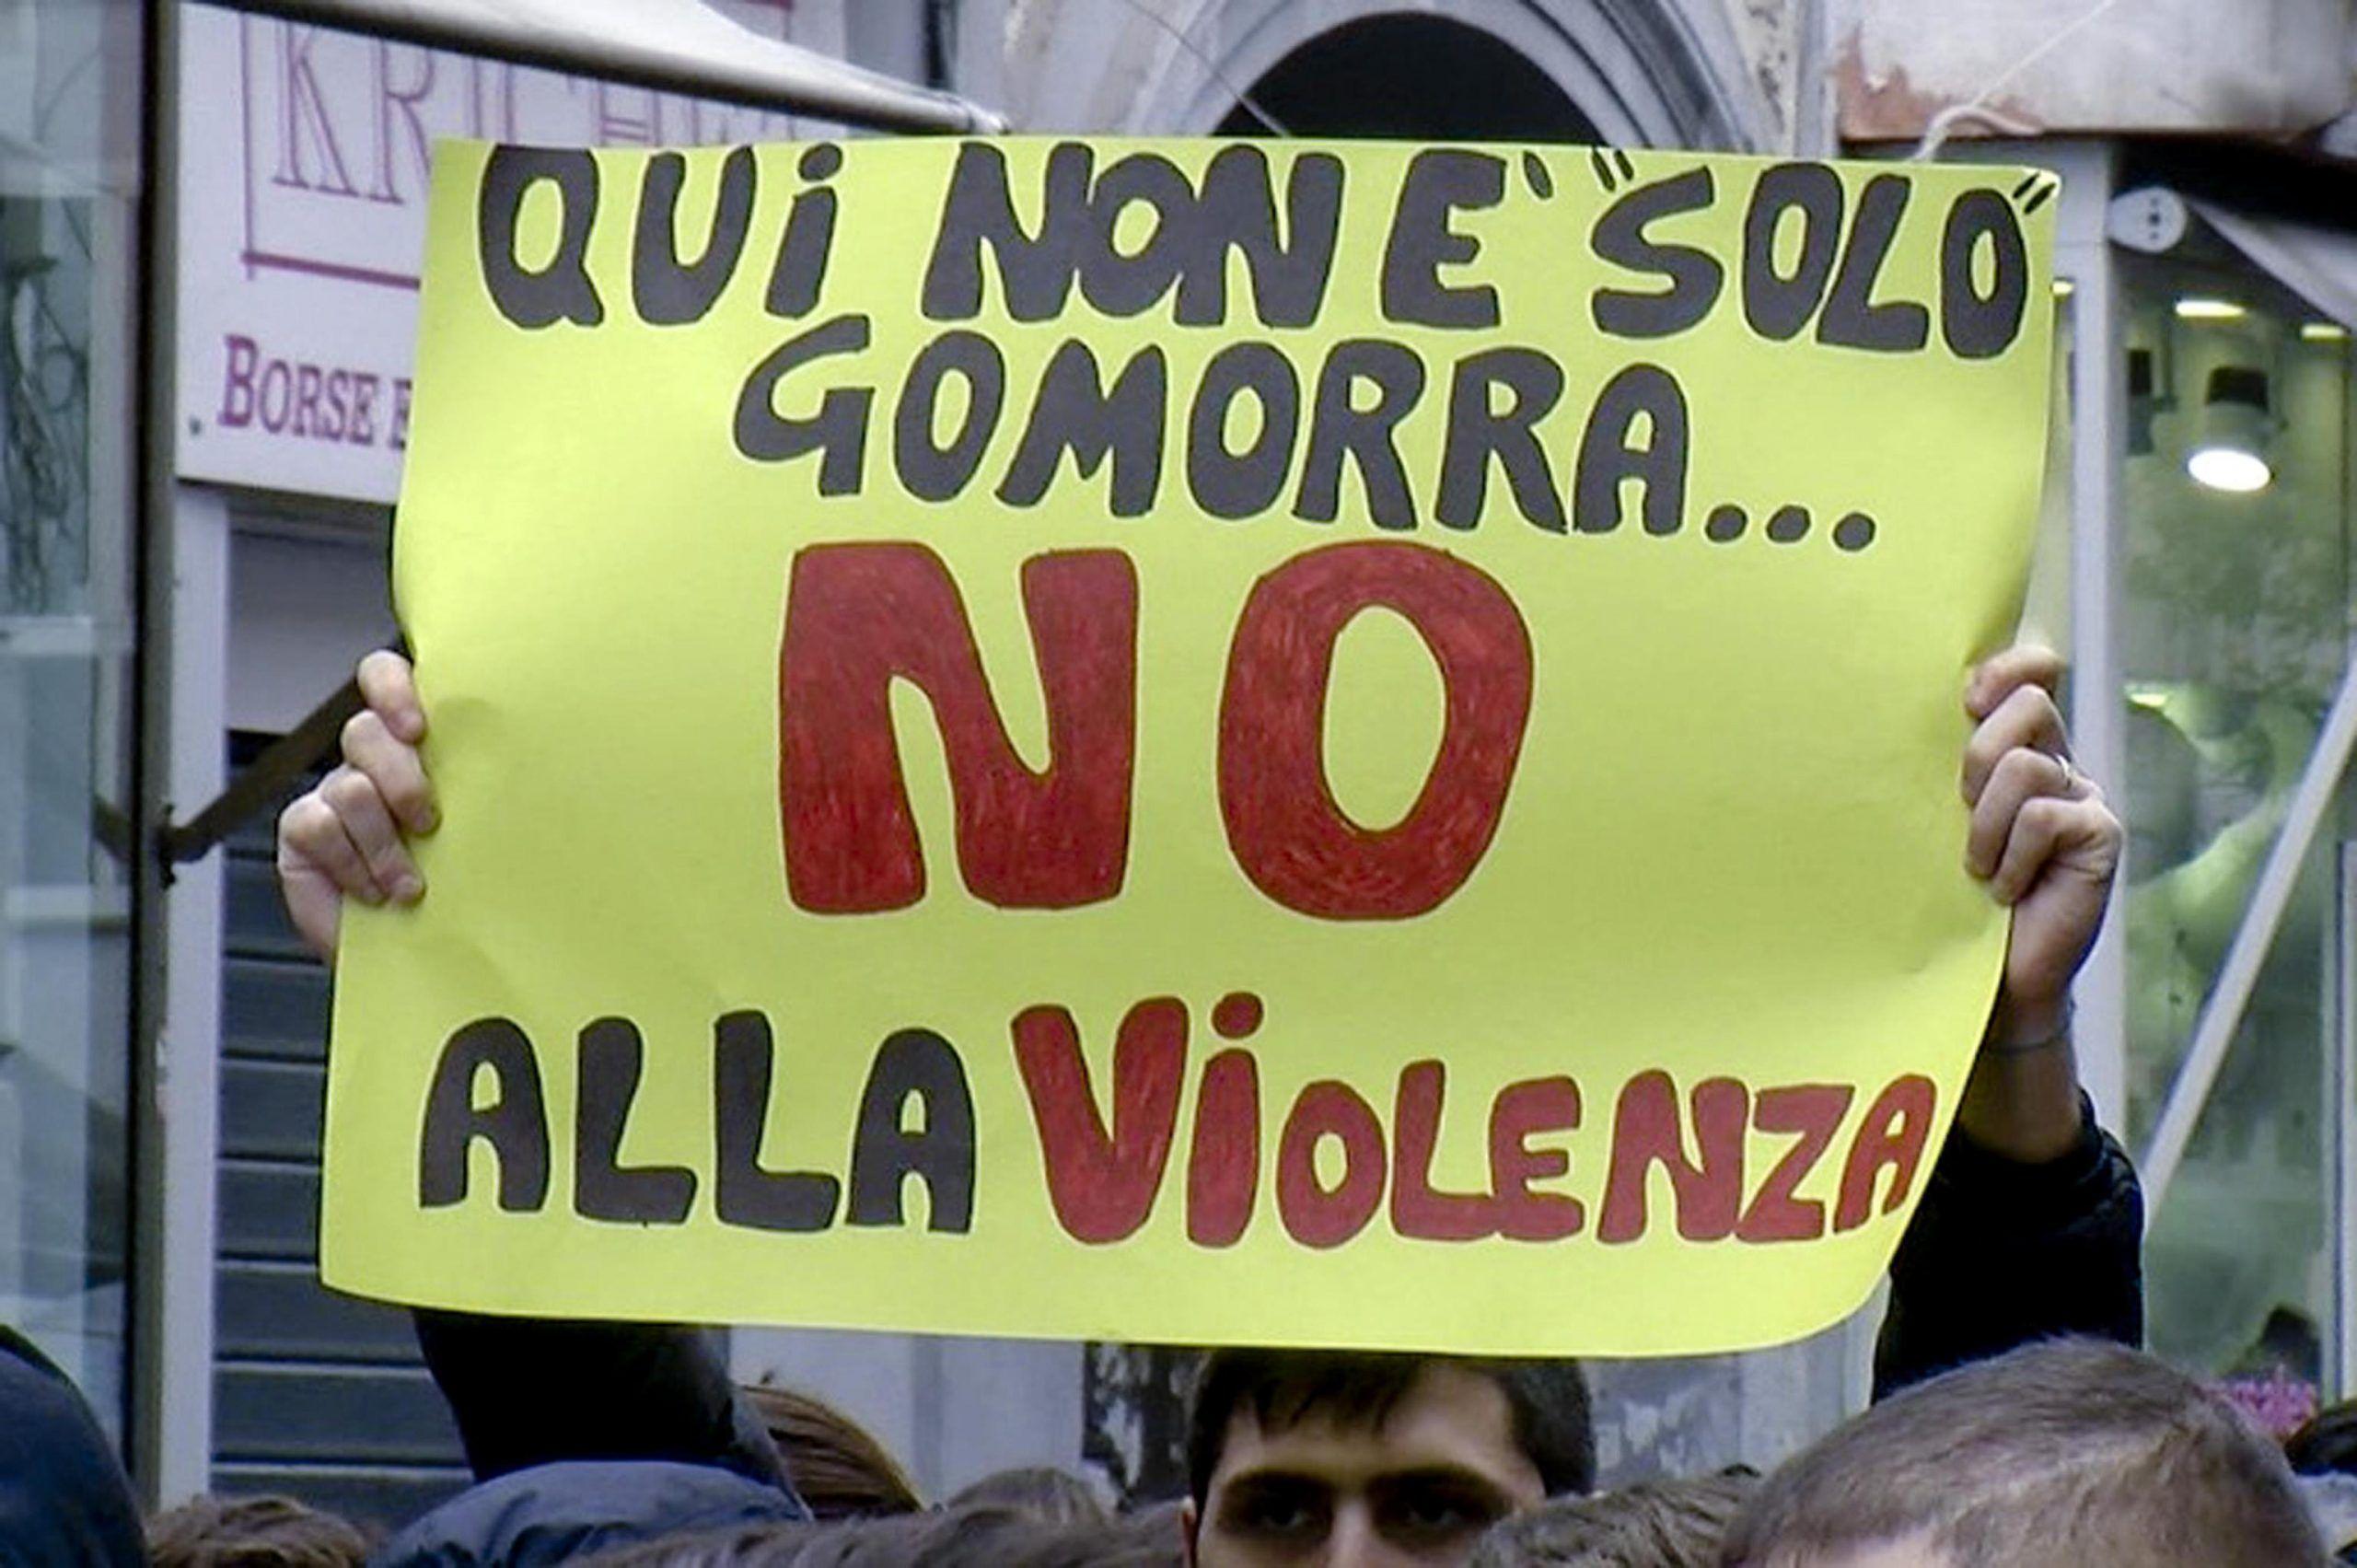 Baby gang a Napoli: perché la camorra non c'entra (quasi) nulla